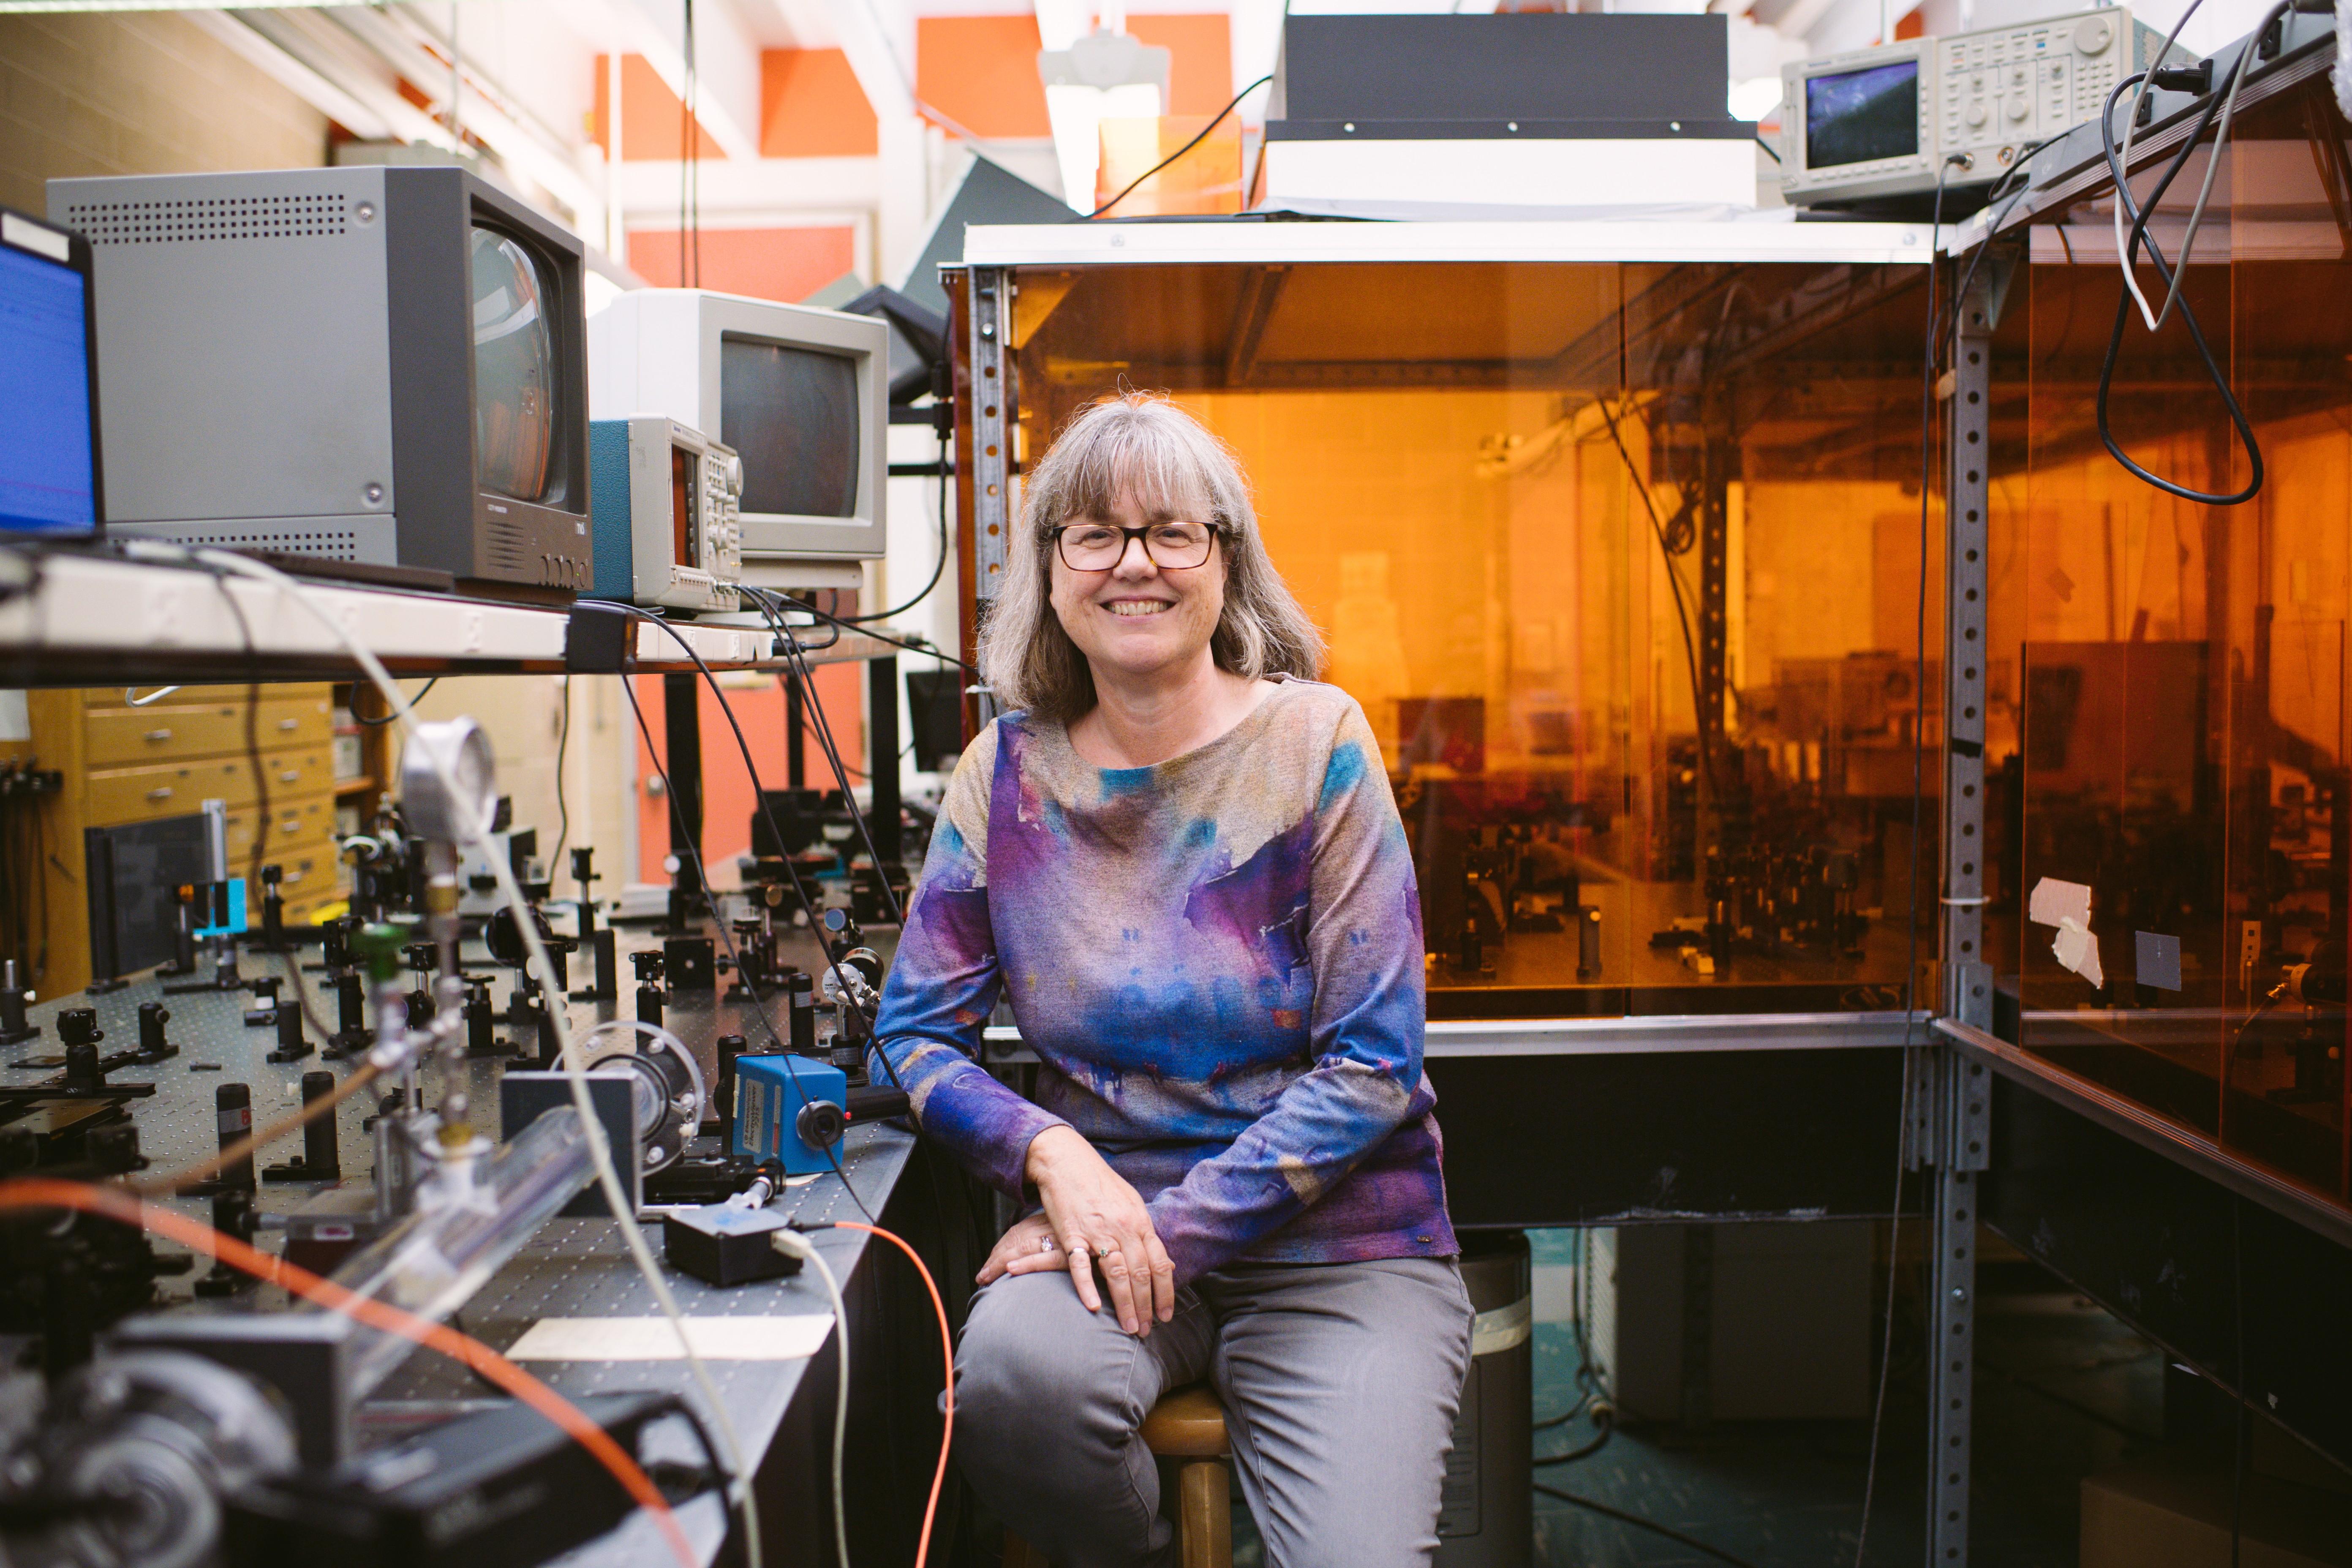 Donna Strickland: após 55 anos, mulher ganha prêmio Nobel da Física